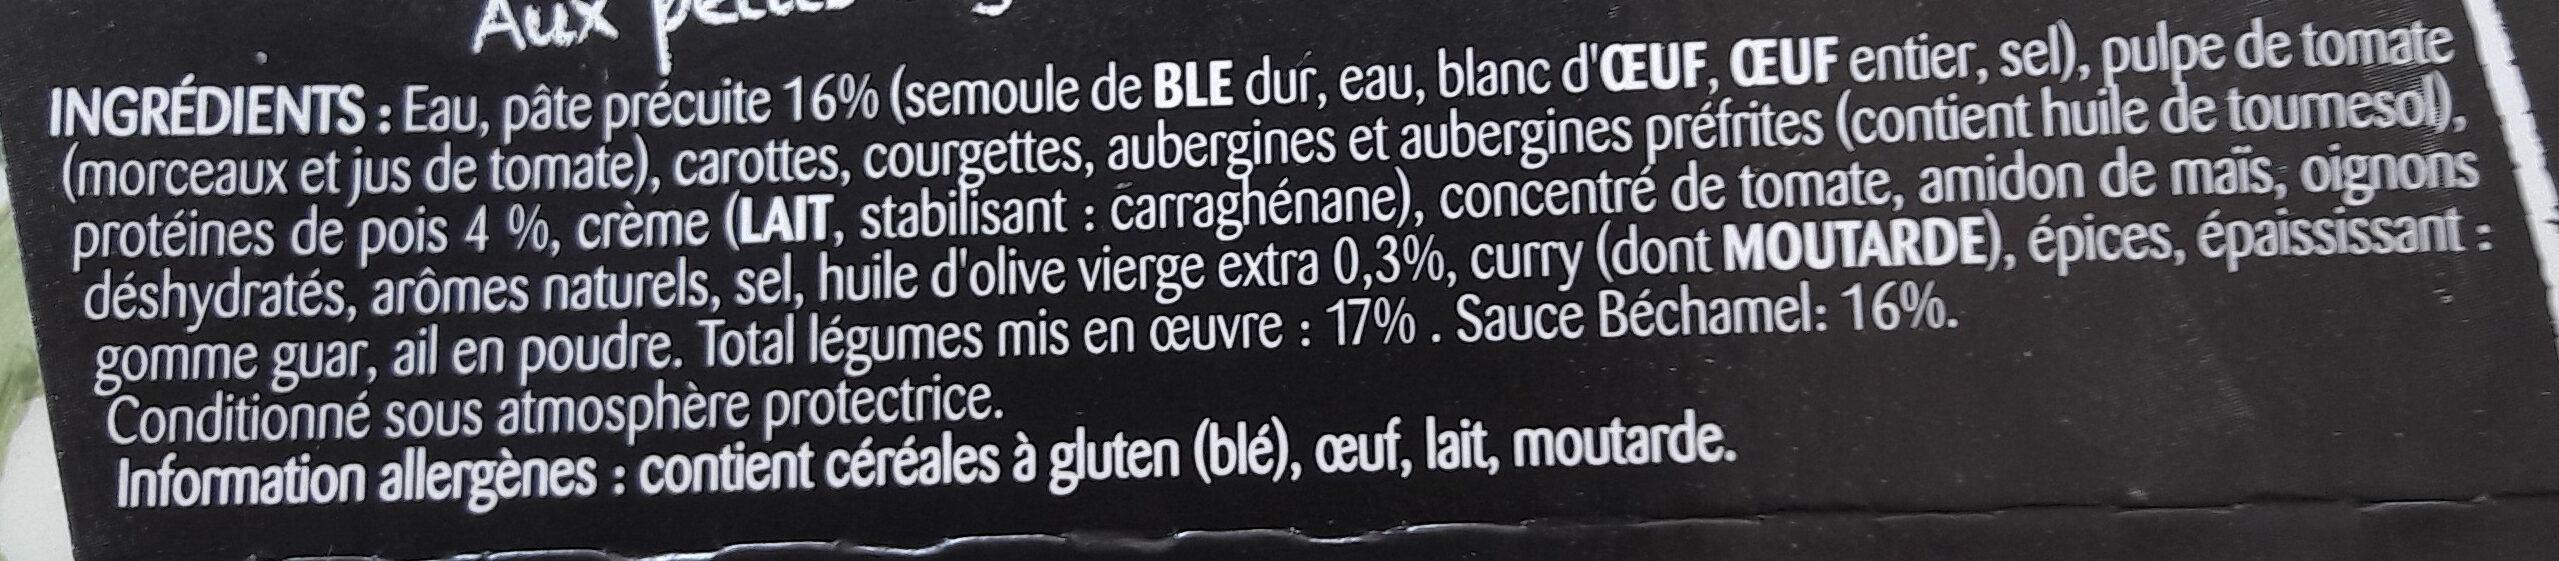 Lasagnes végétales - Ingredients - fr